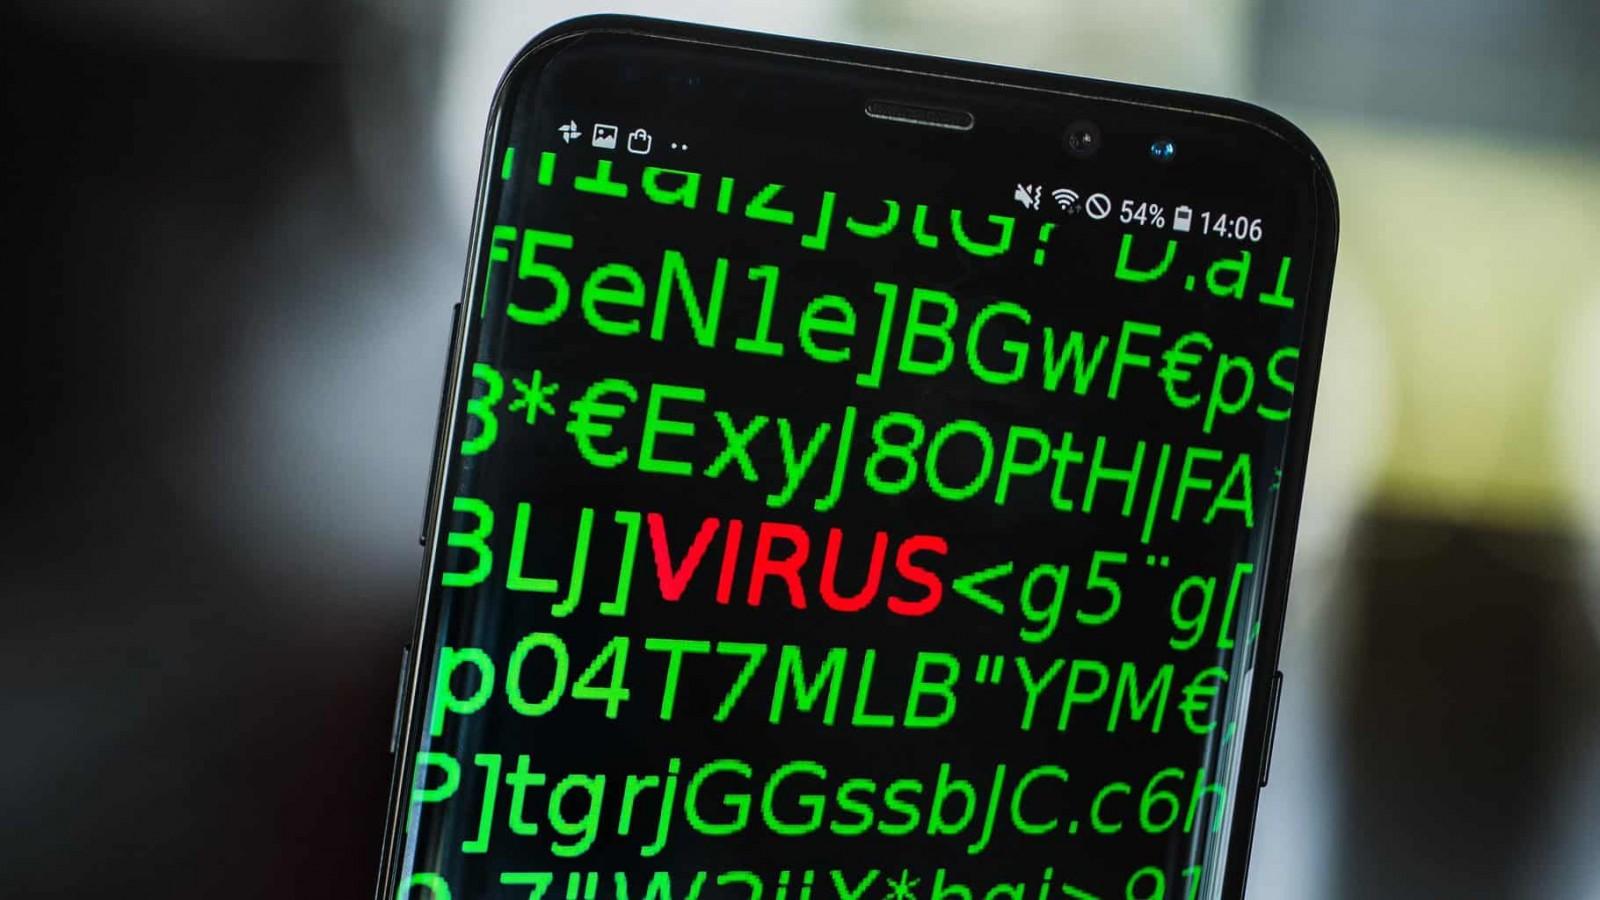 8 applicazioni Android diffondono virus: scopriamo quali